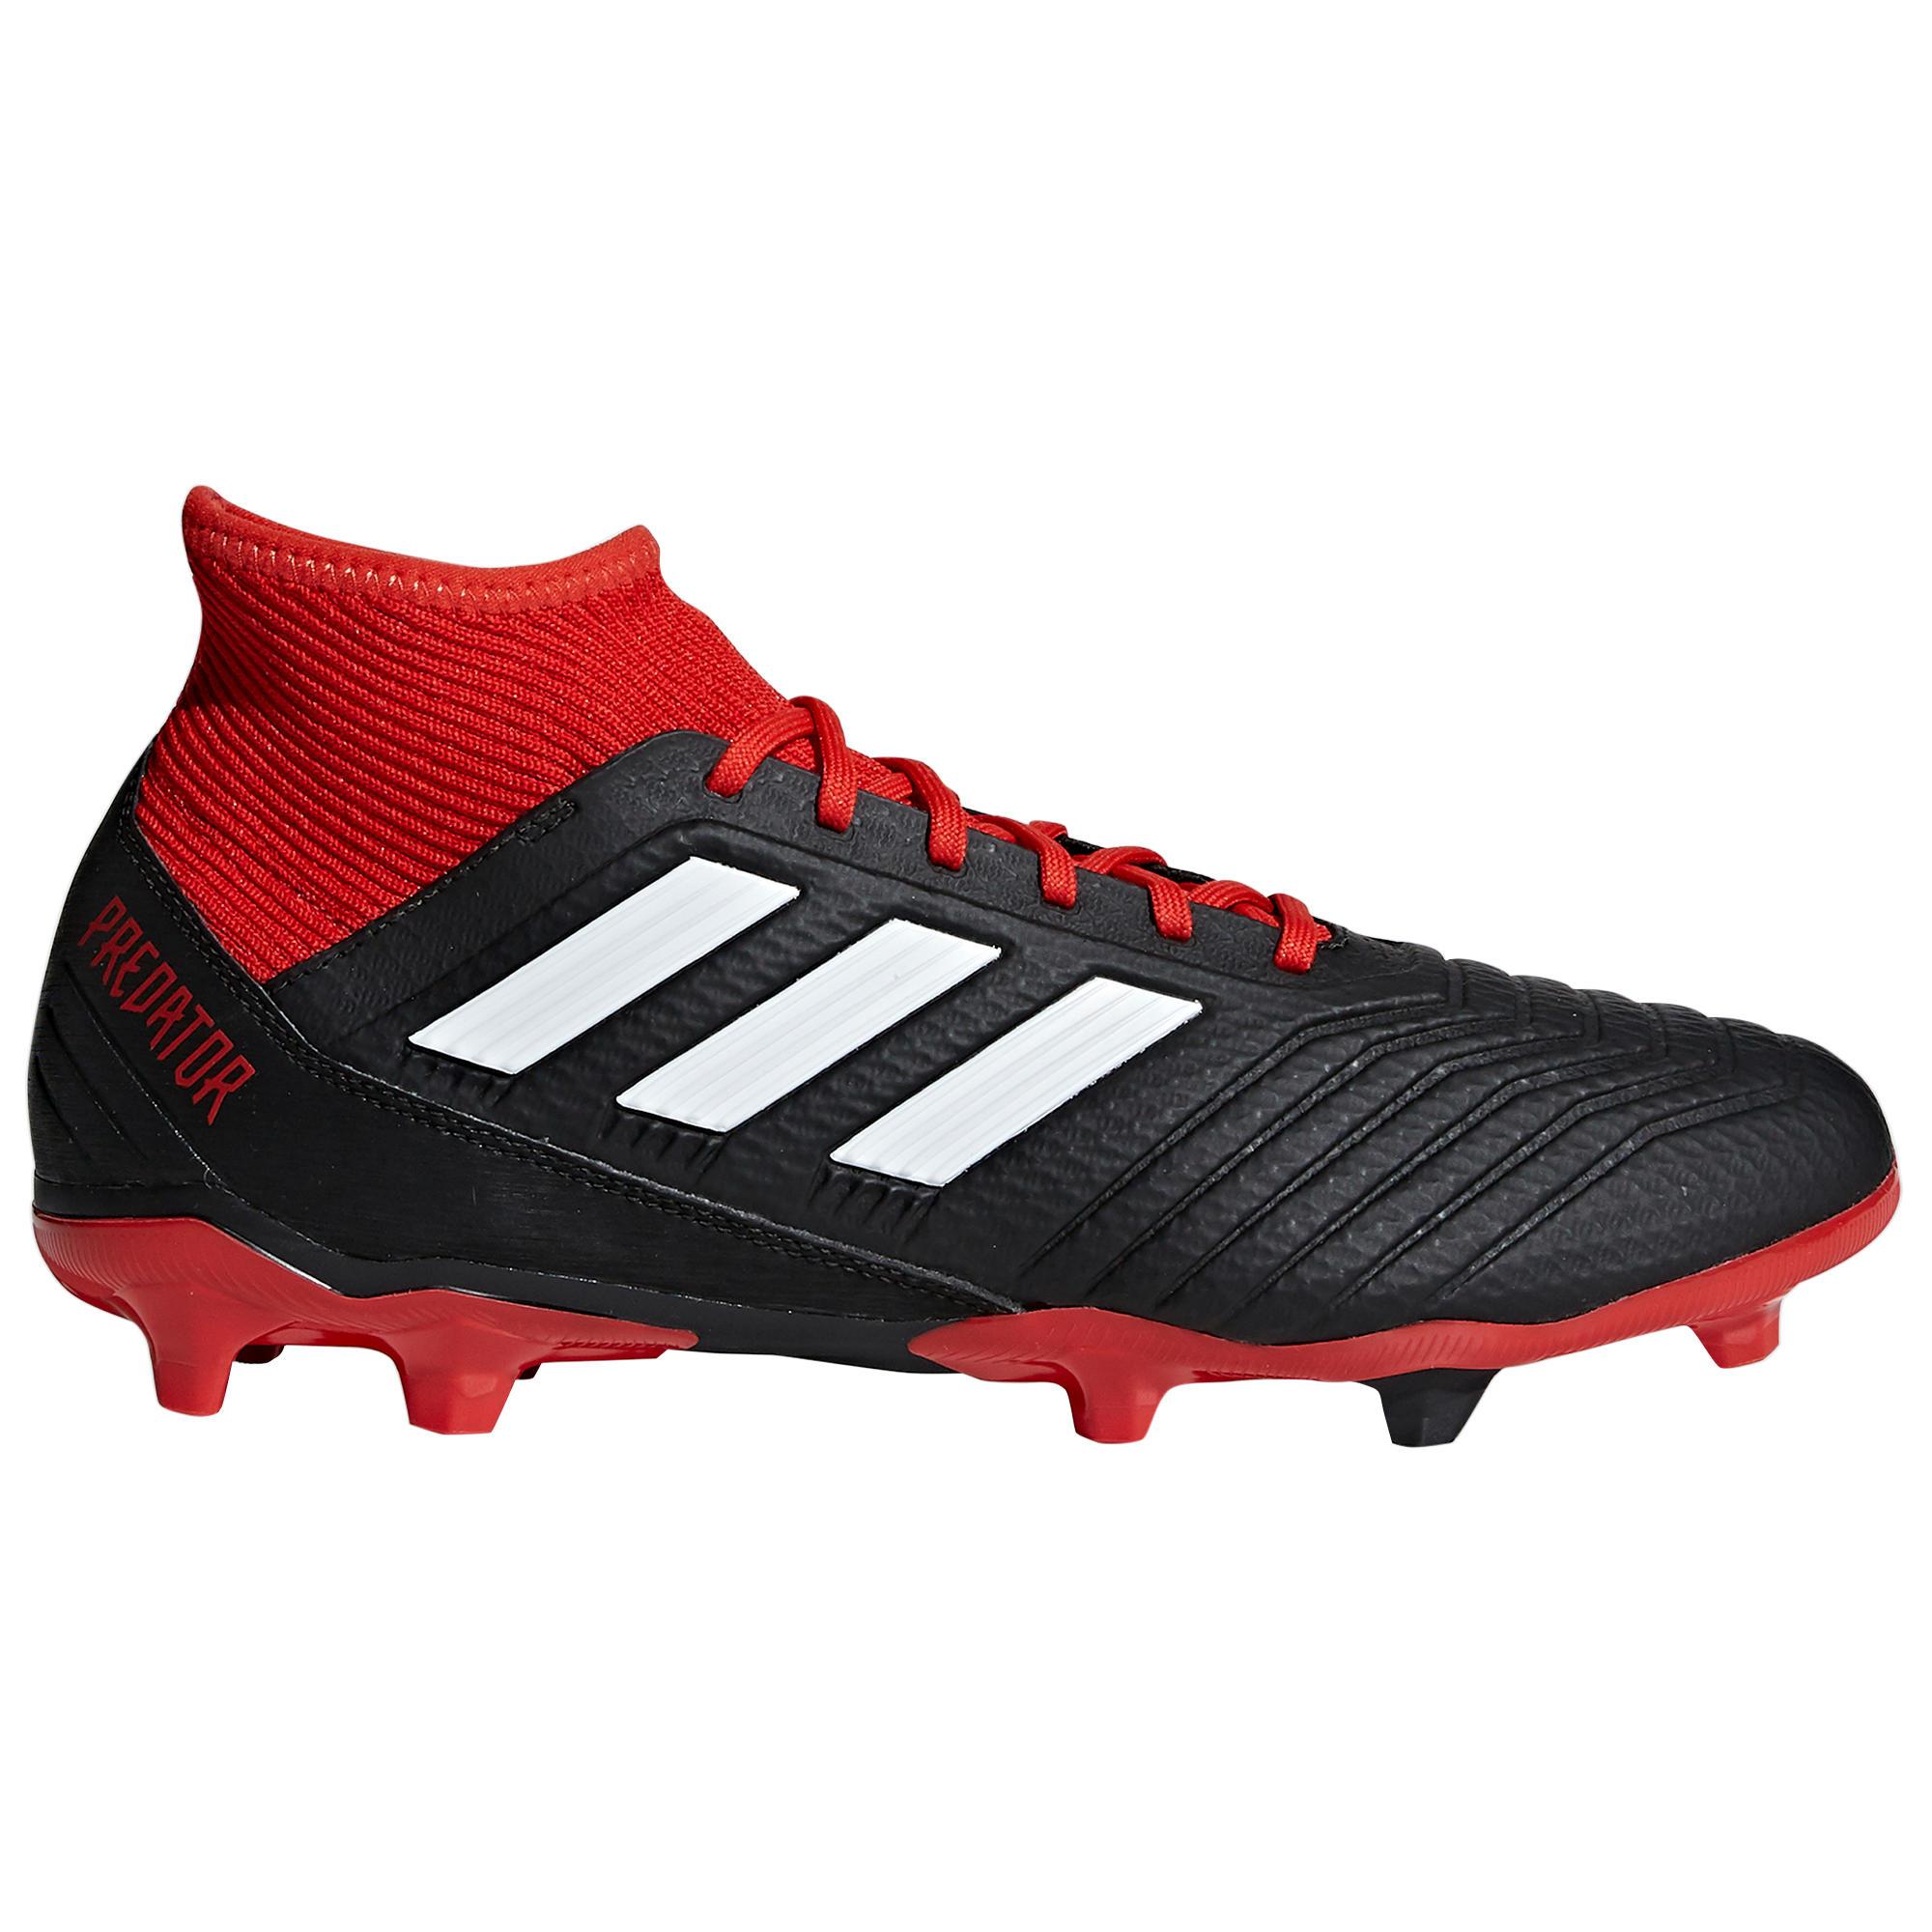 best loved c4ba5 e657d Adidas Voetbalschoenen volwassenen Predator 3 FG zwart rood